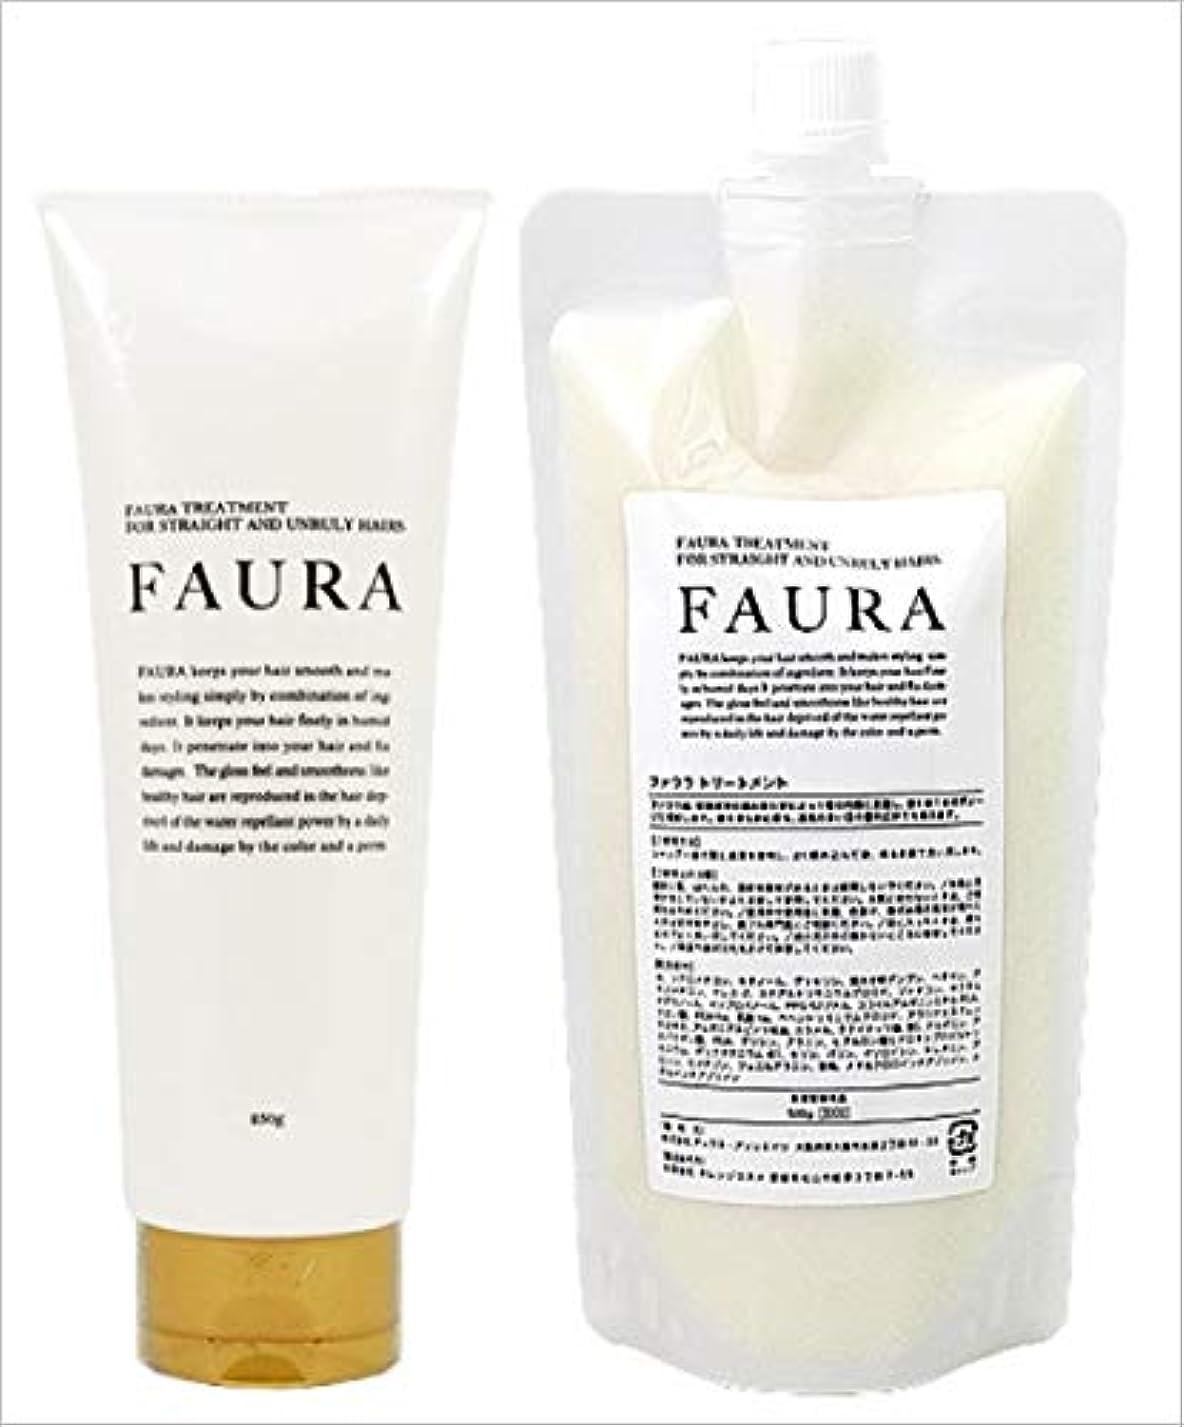 昆虫知性ドルFAURA ファウラ ヘアトリートメント (傷んだ髪に) 250gと詰替500gのセット 【サロン専売品】